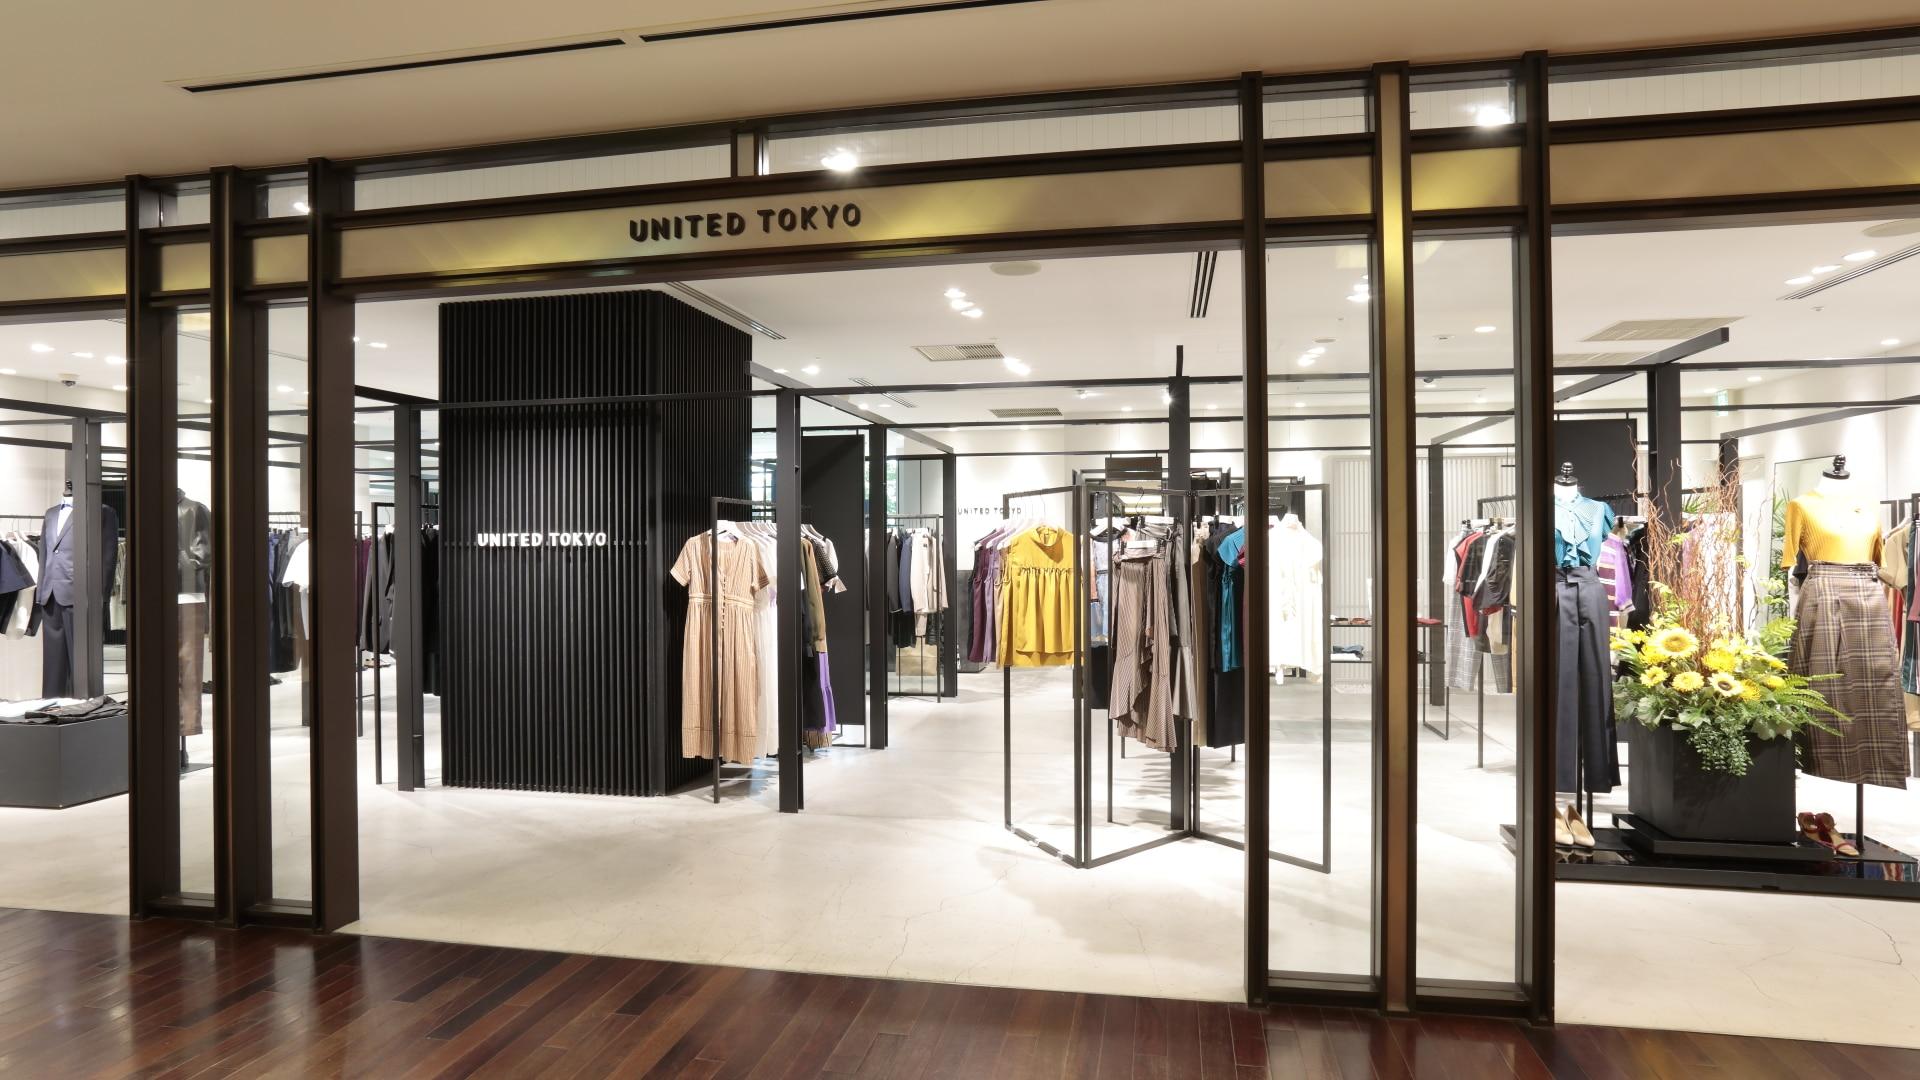 UNITED TOKYO (新丸ビル2F)|丸の内でショッピングなら|丸の内ドットコム